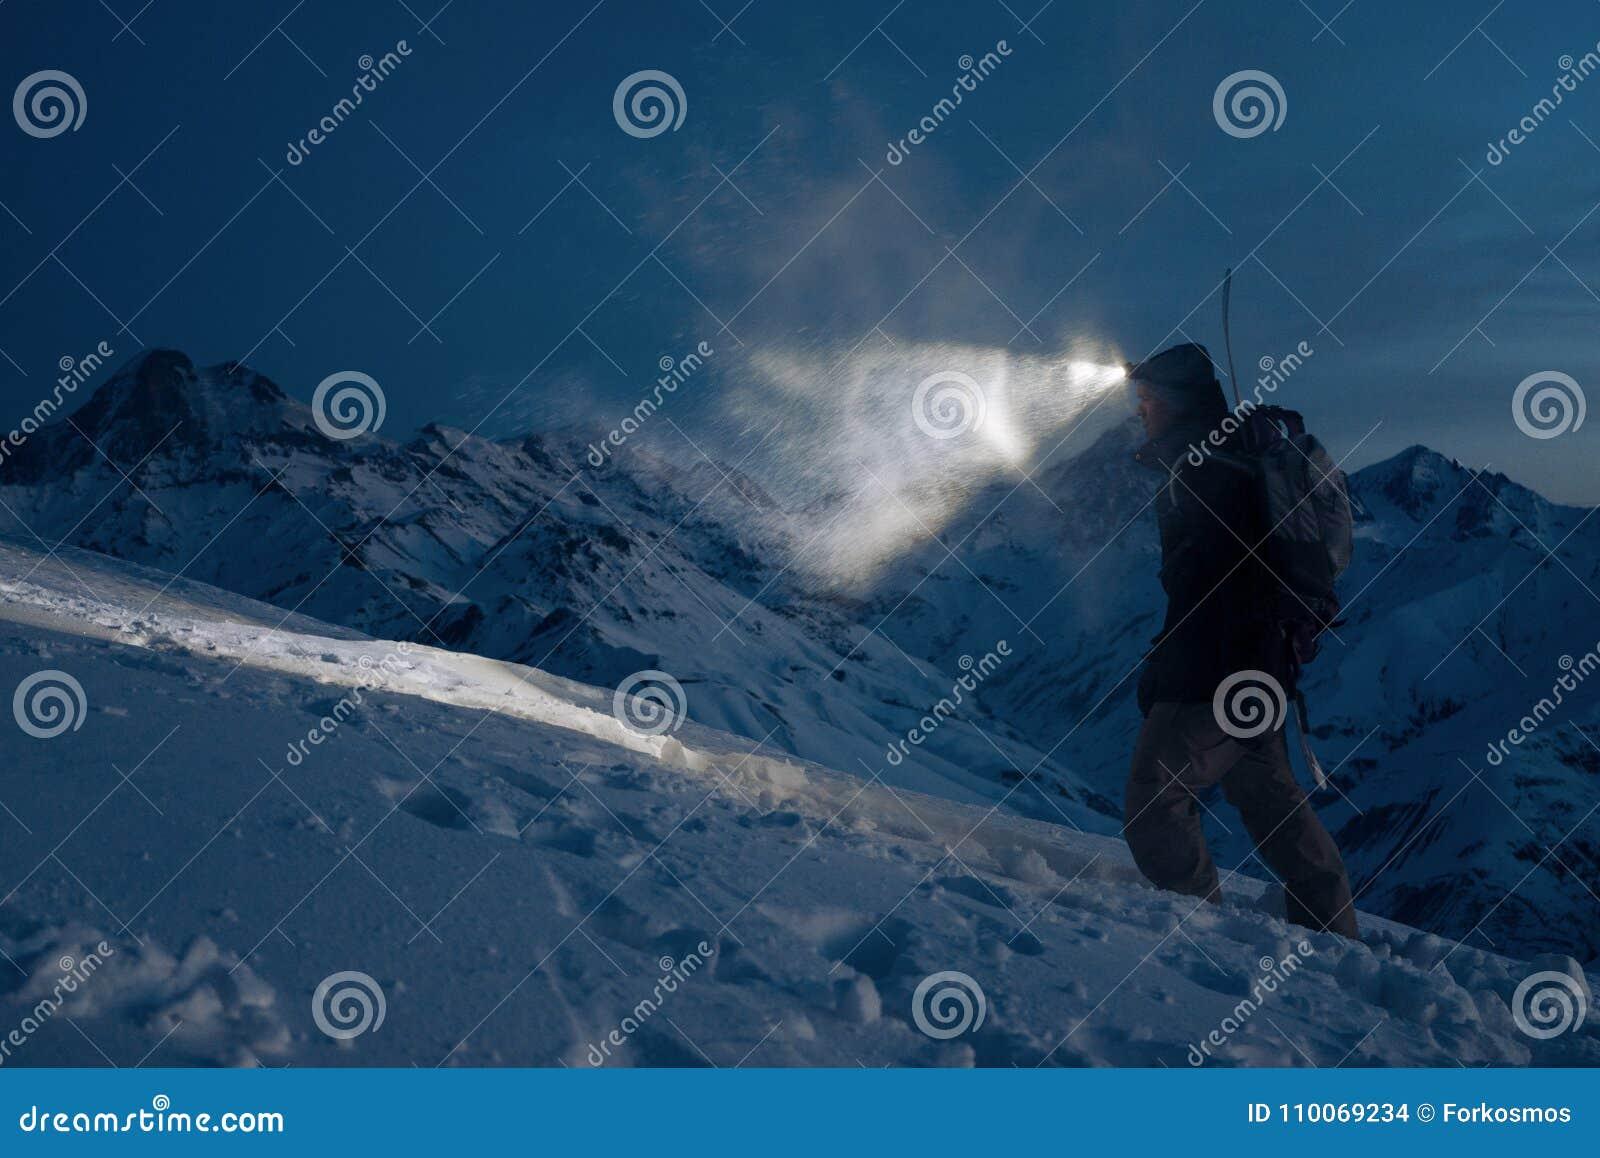 O expeditor profissional comete a escalada em montanhas nevado na noite e nas luzes a maneira com um farol Desgaste vestindo do e